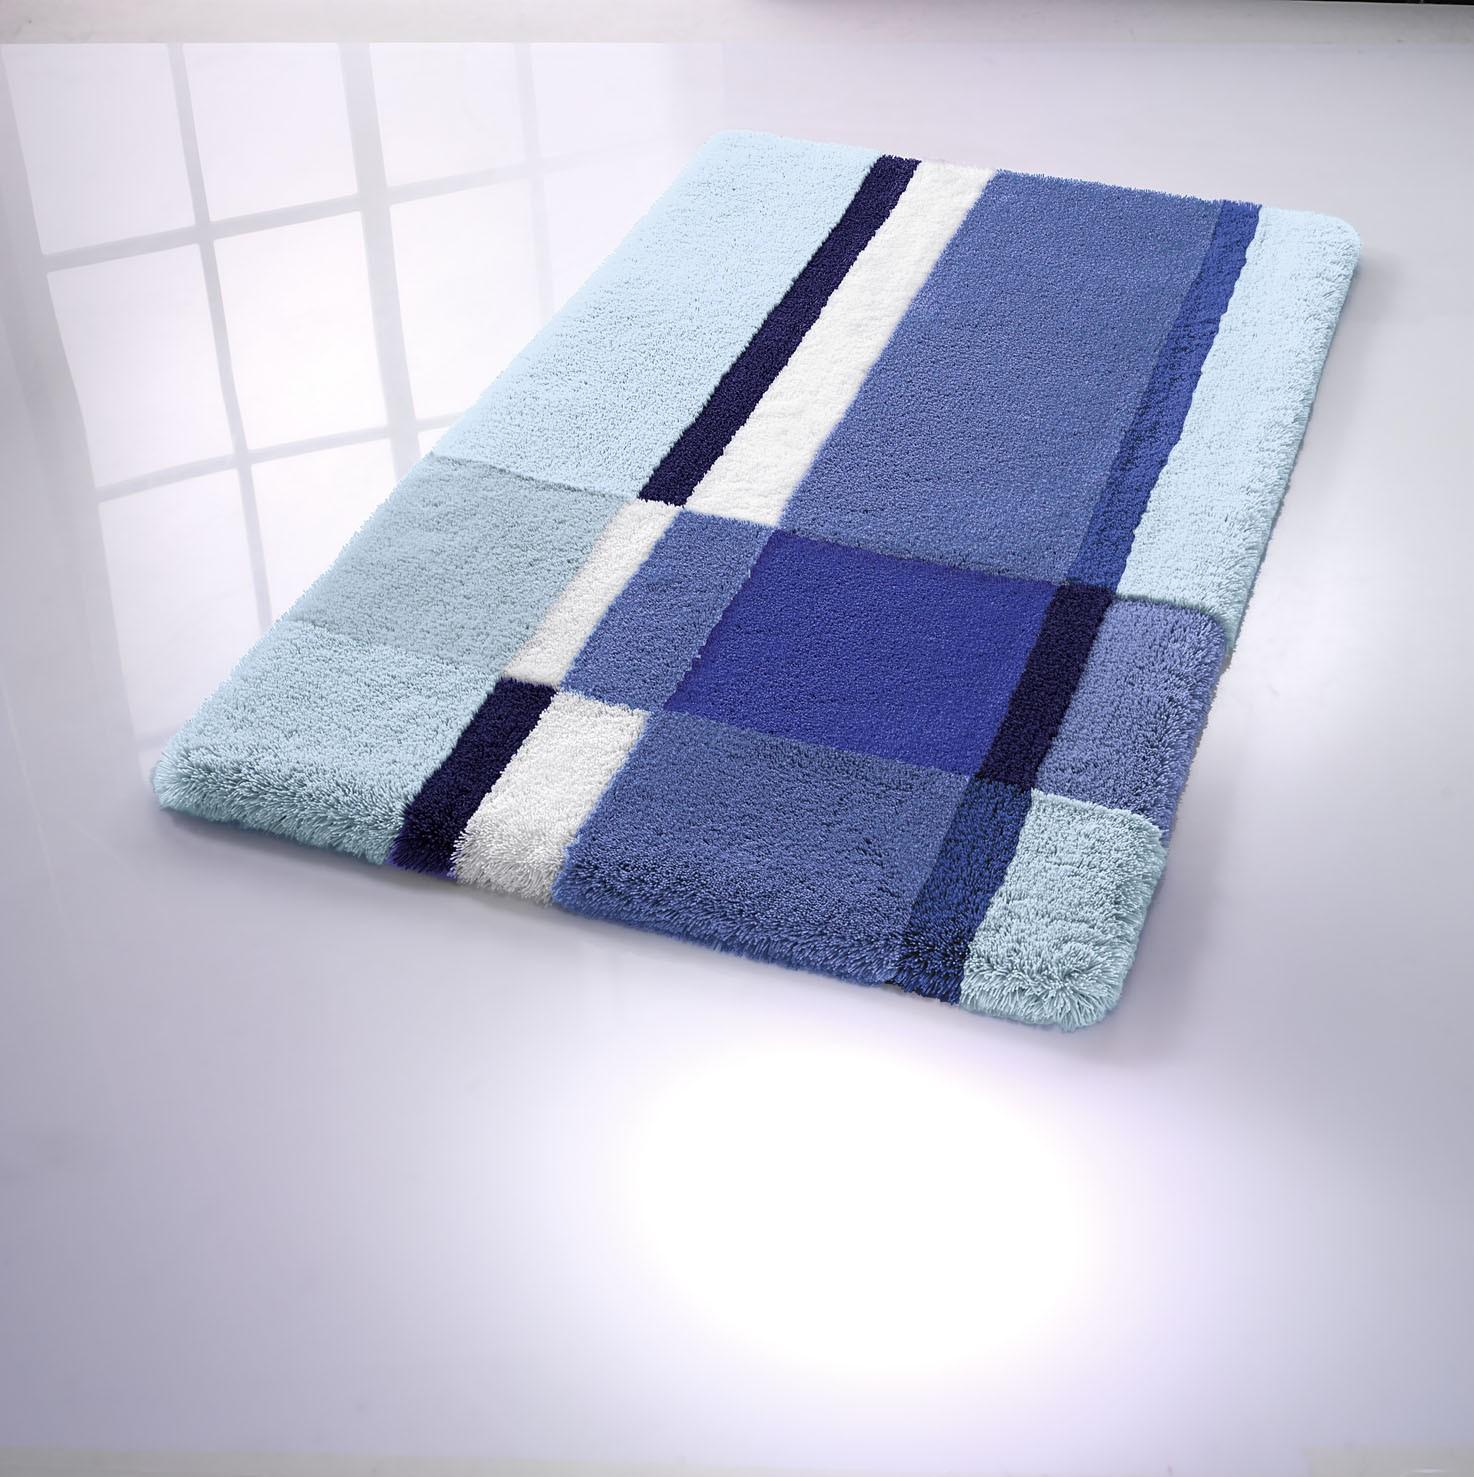 wc vorleger mit ausschnitt venice 55 x 55 cm himmelblau von kleine wolke. Black Bedroom Furniture Sets. Home Design Ideas